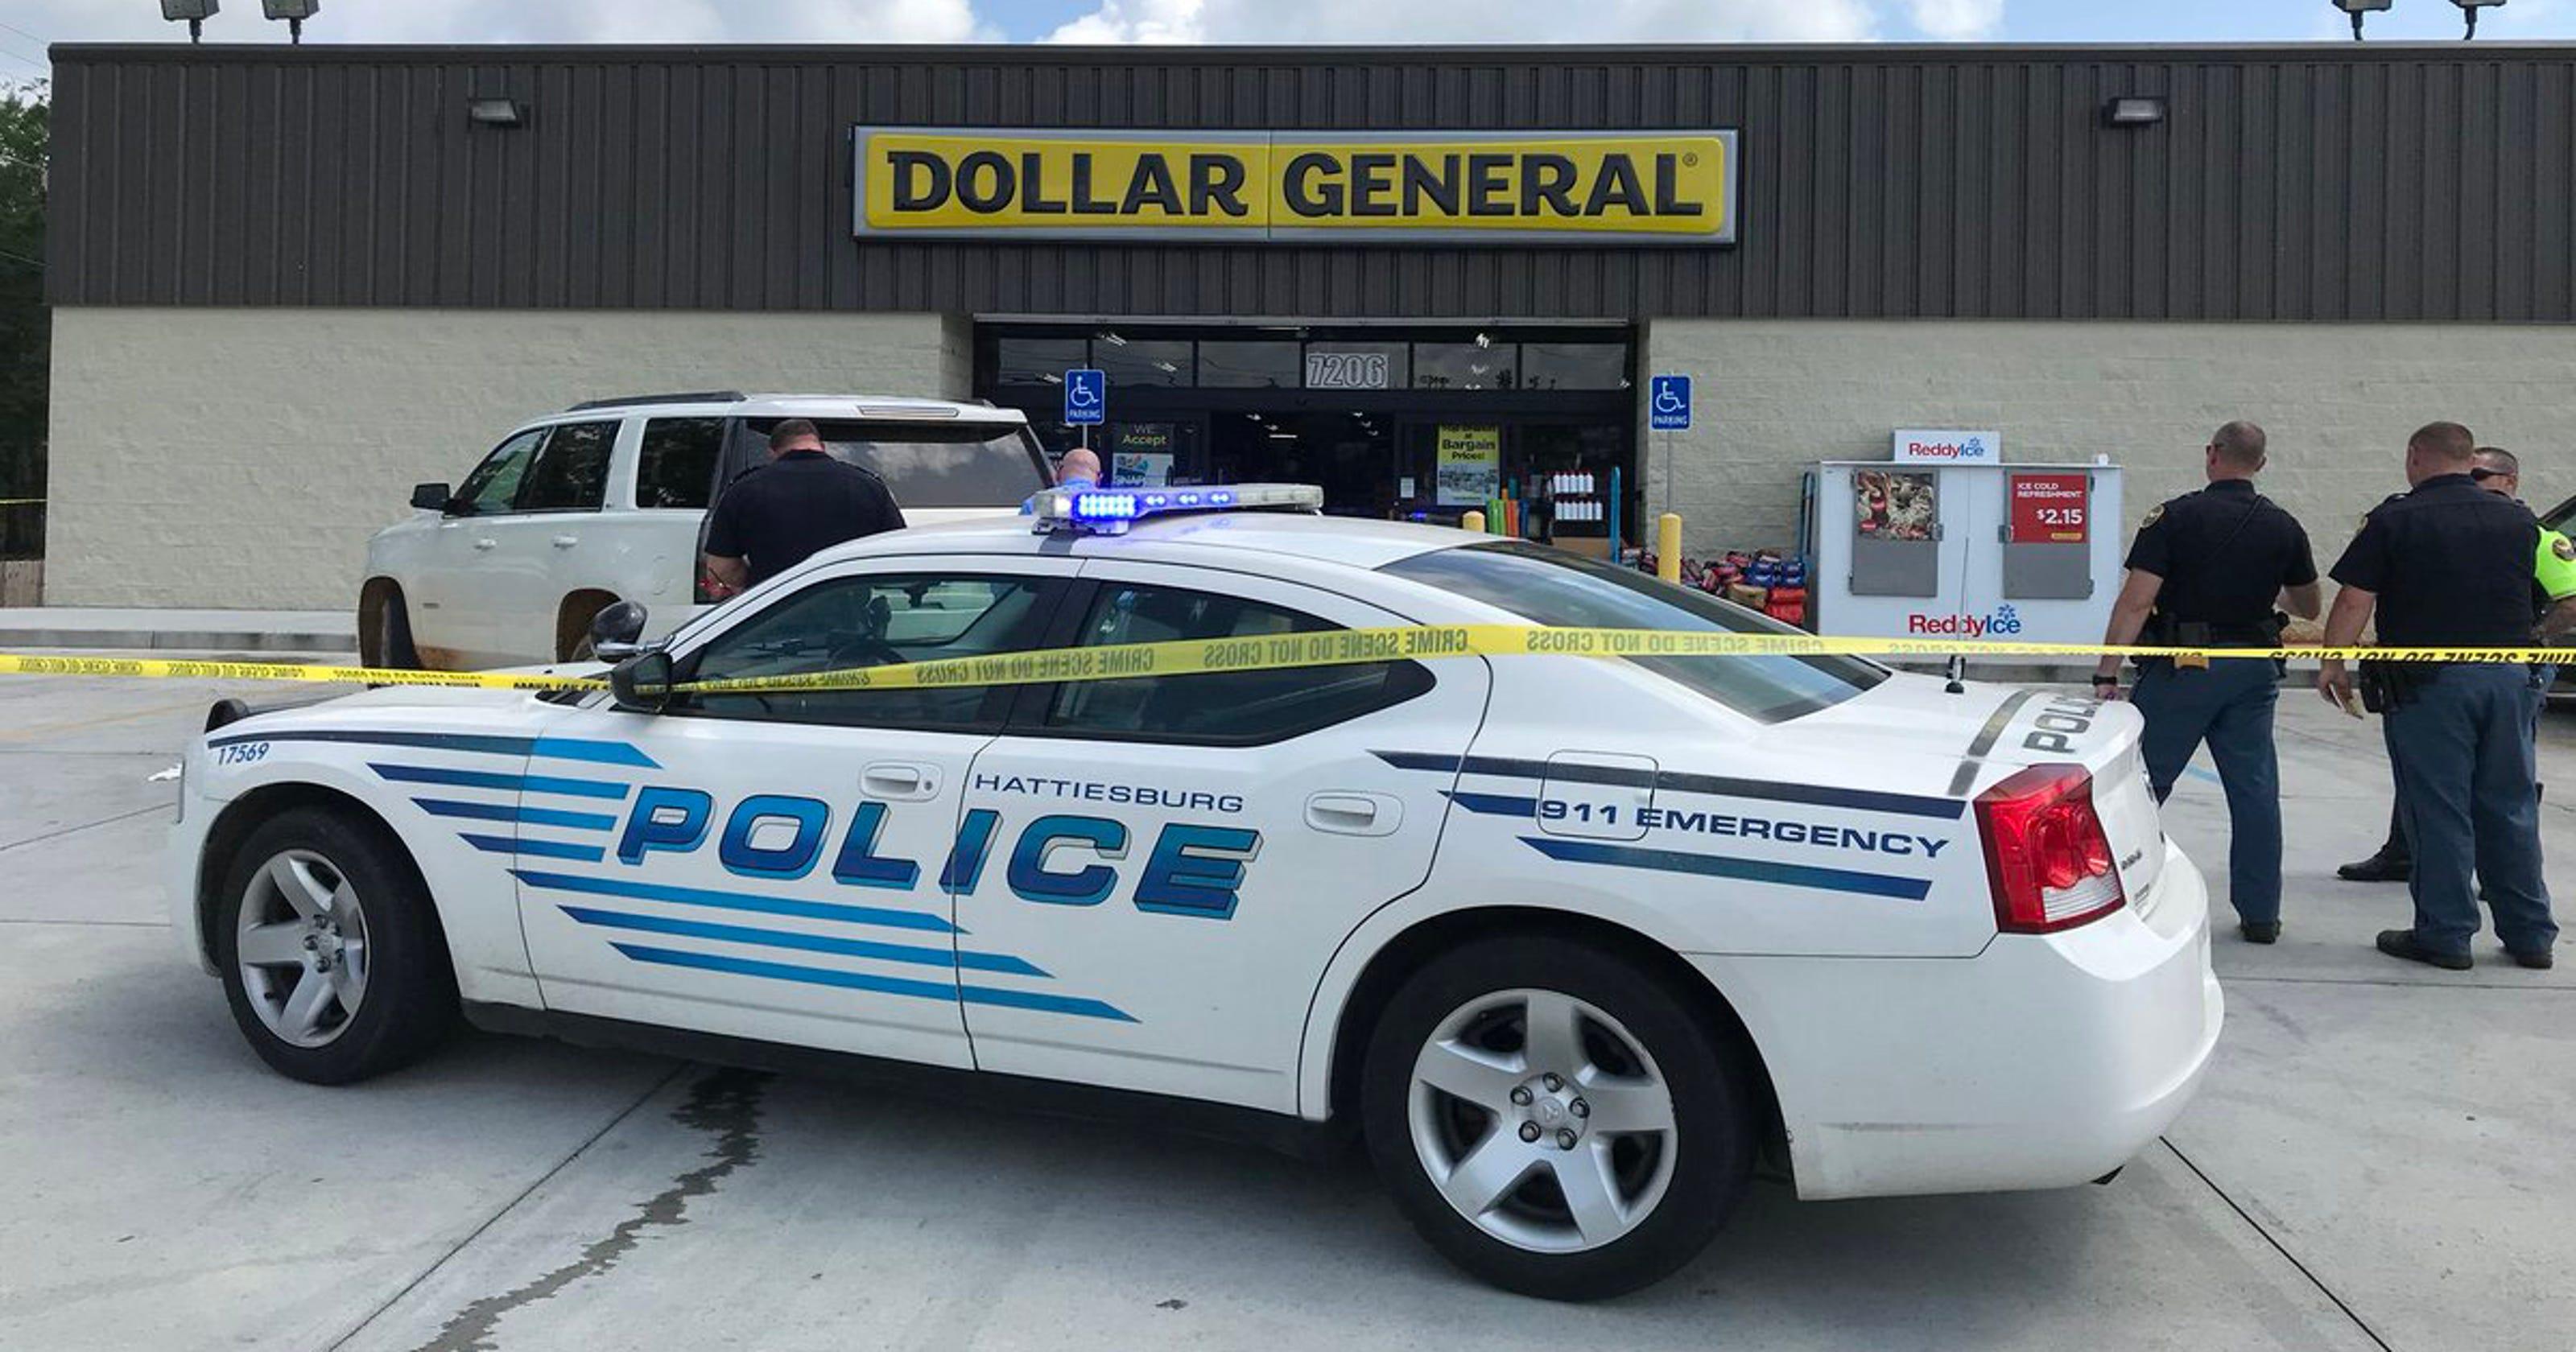 Hattiesburg police pursue stolen vehicle, suspect previously